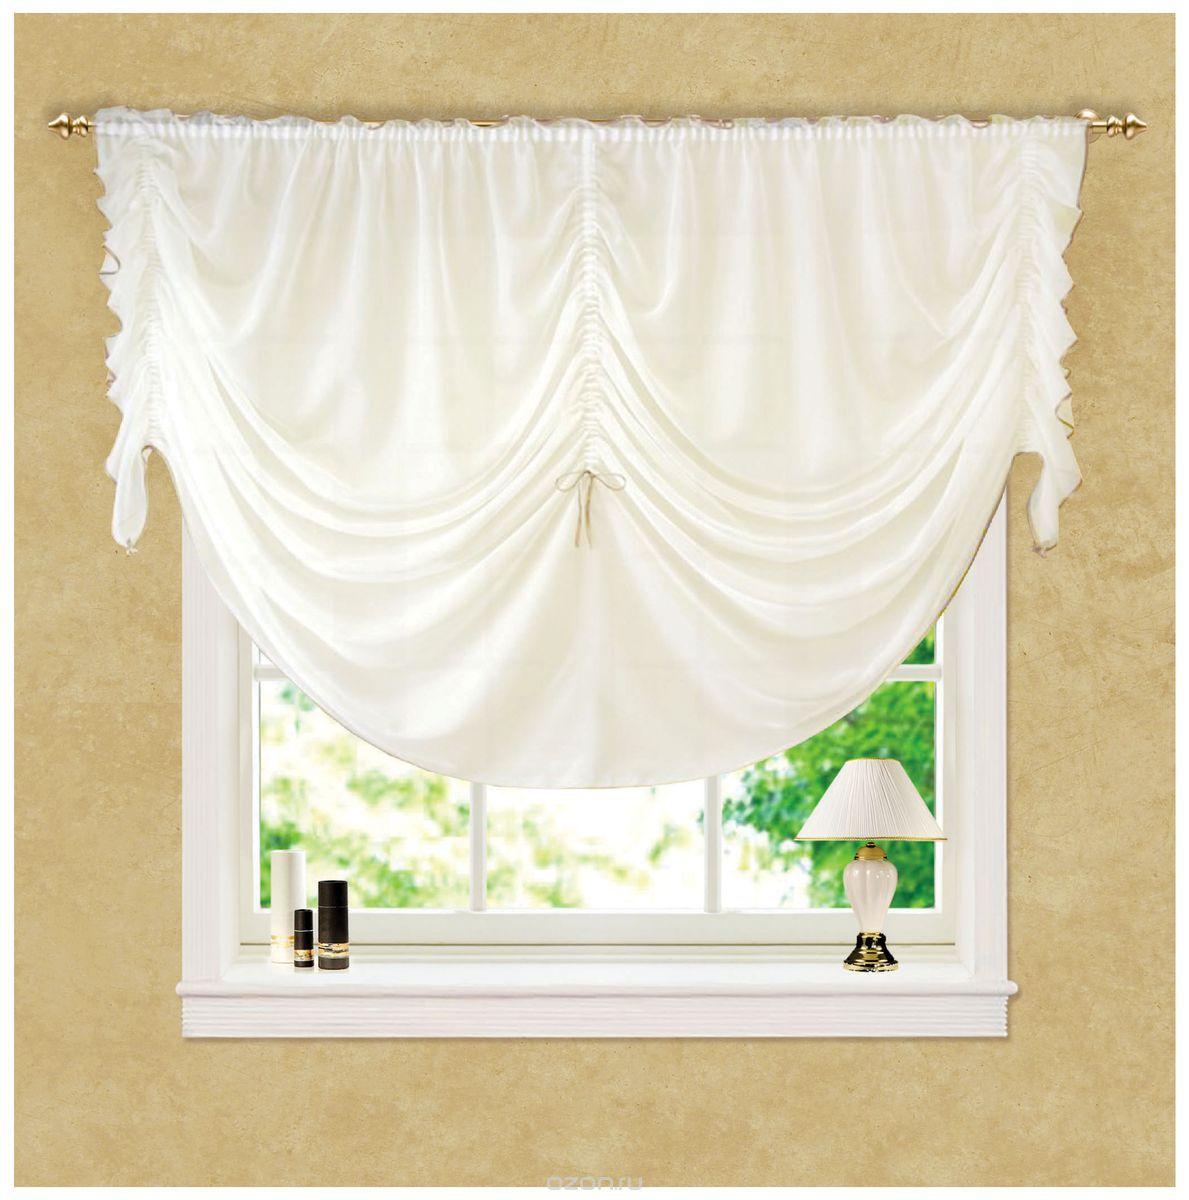 Штора готовая Garden, на ленте, высота 160 смНикаГотовая штора Garden, выполненная из 100% полиэстера, стильно оформит окно и создаст особенную уютную атмосферу. Такая штора великолепно смотрится как одна, так и в паре, в комбинации с нежной тюлевой занавеской, собранная на подхваты и свободно ниспадающая естественными складками. Изделие долговечно и не боится стирок, не сминается, не теряет своего блеска и яркости красок.